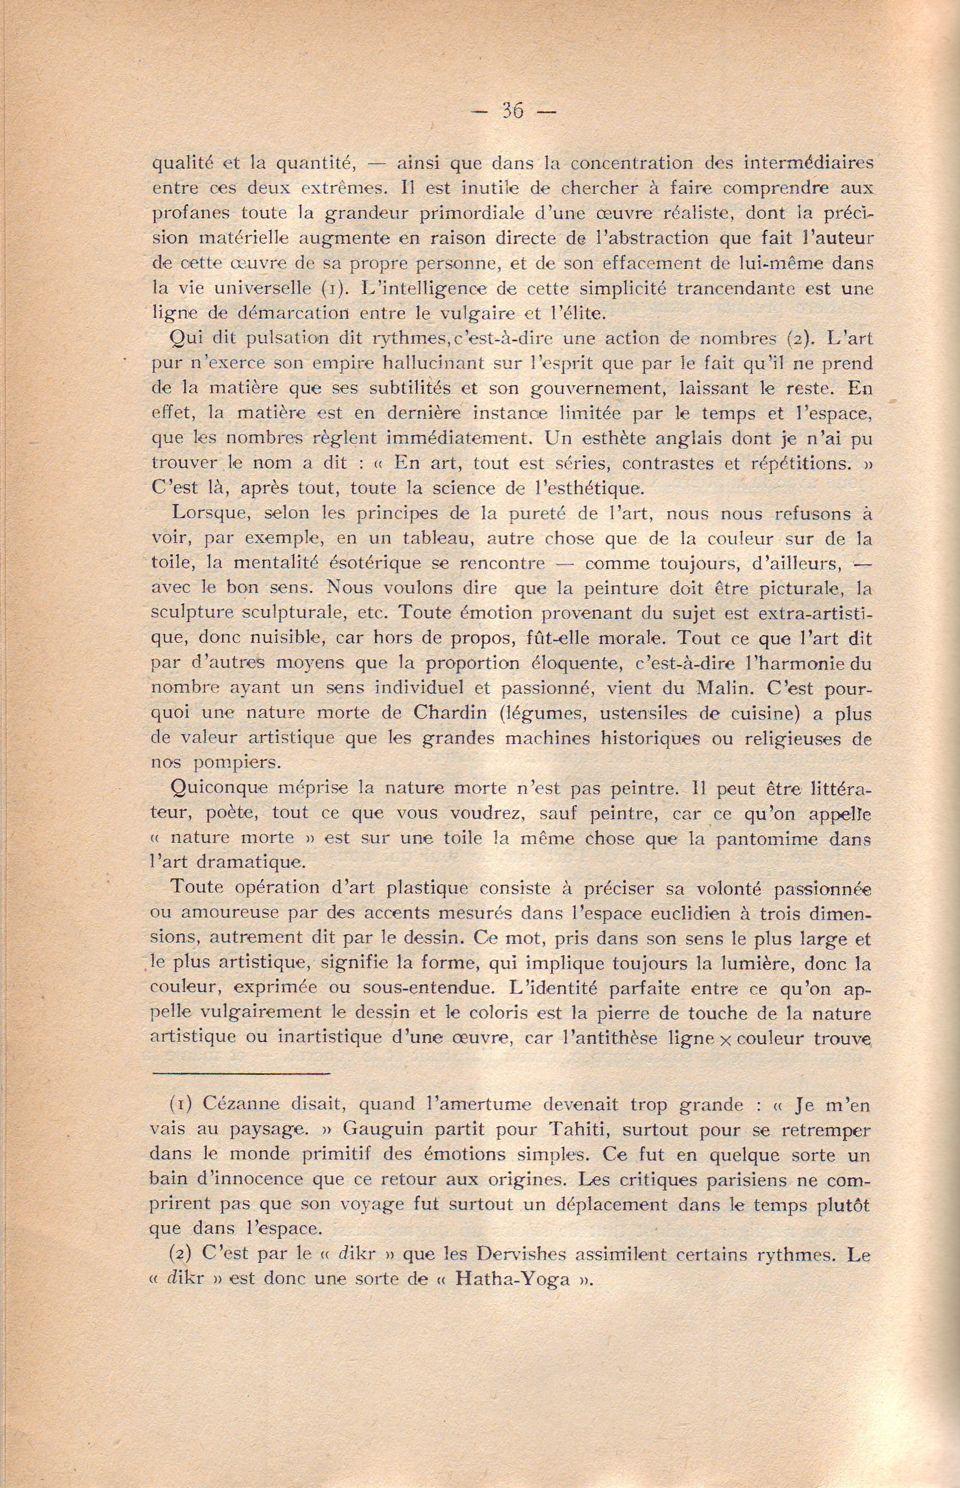 Pages..Mércure 9. 36